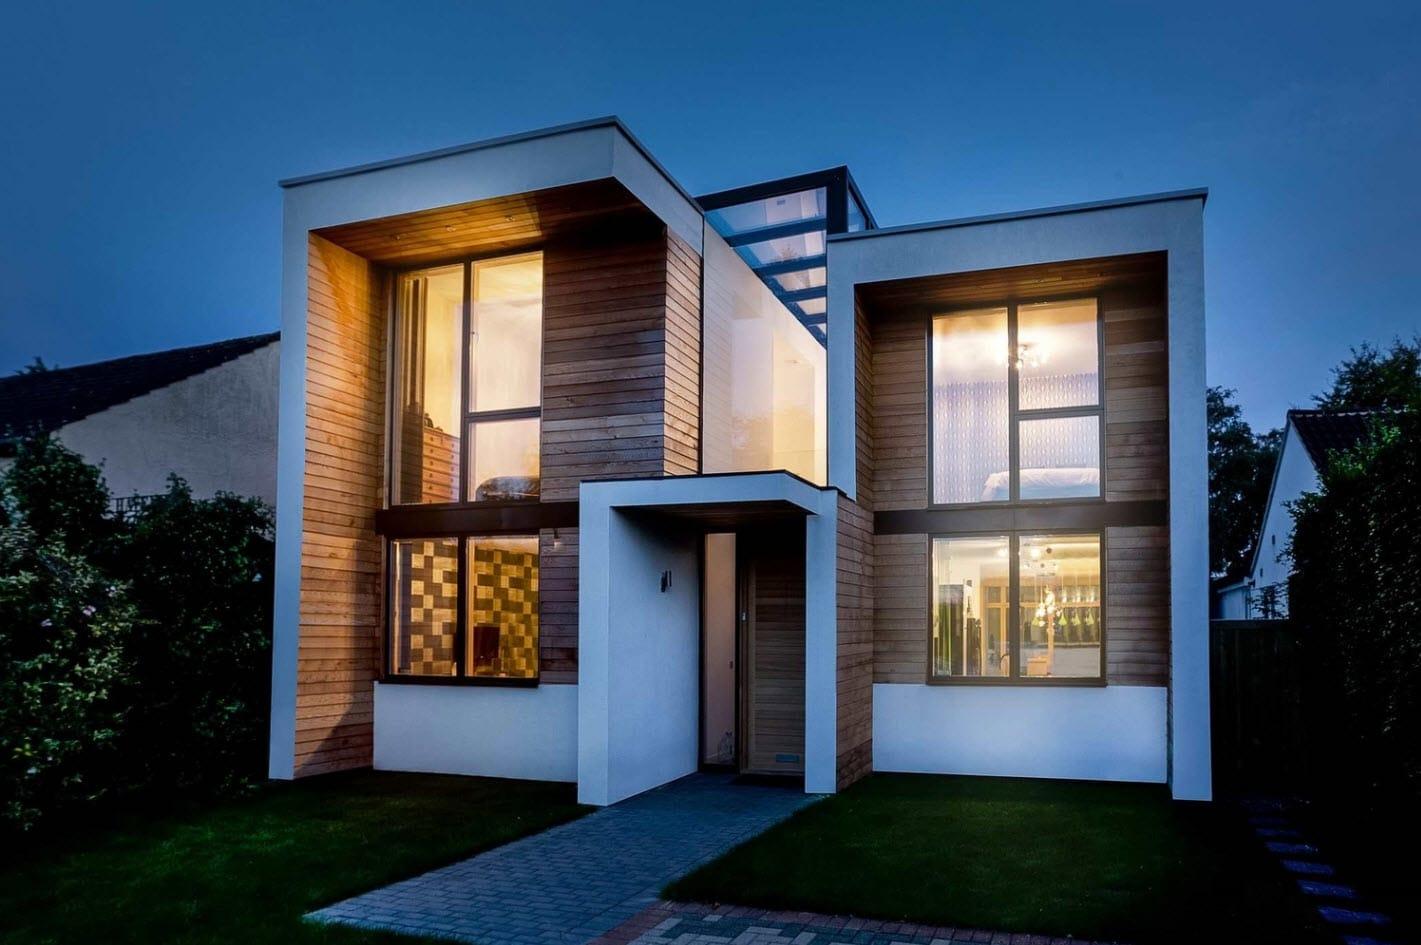 Dise o casa moderna de dos pisos construye hogar - Disenos para casas modernas ...